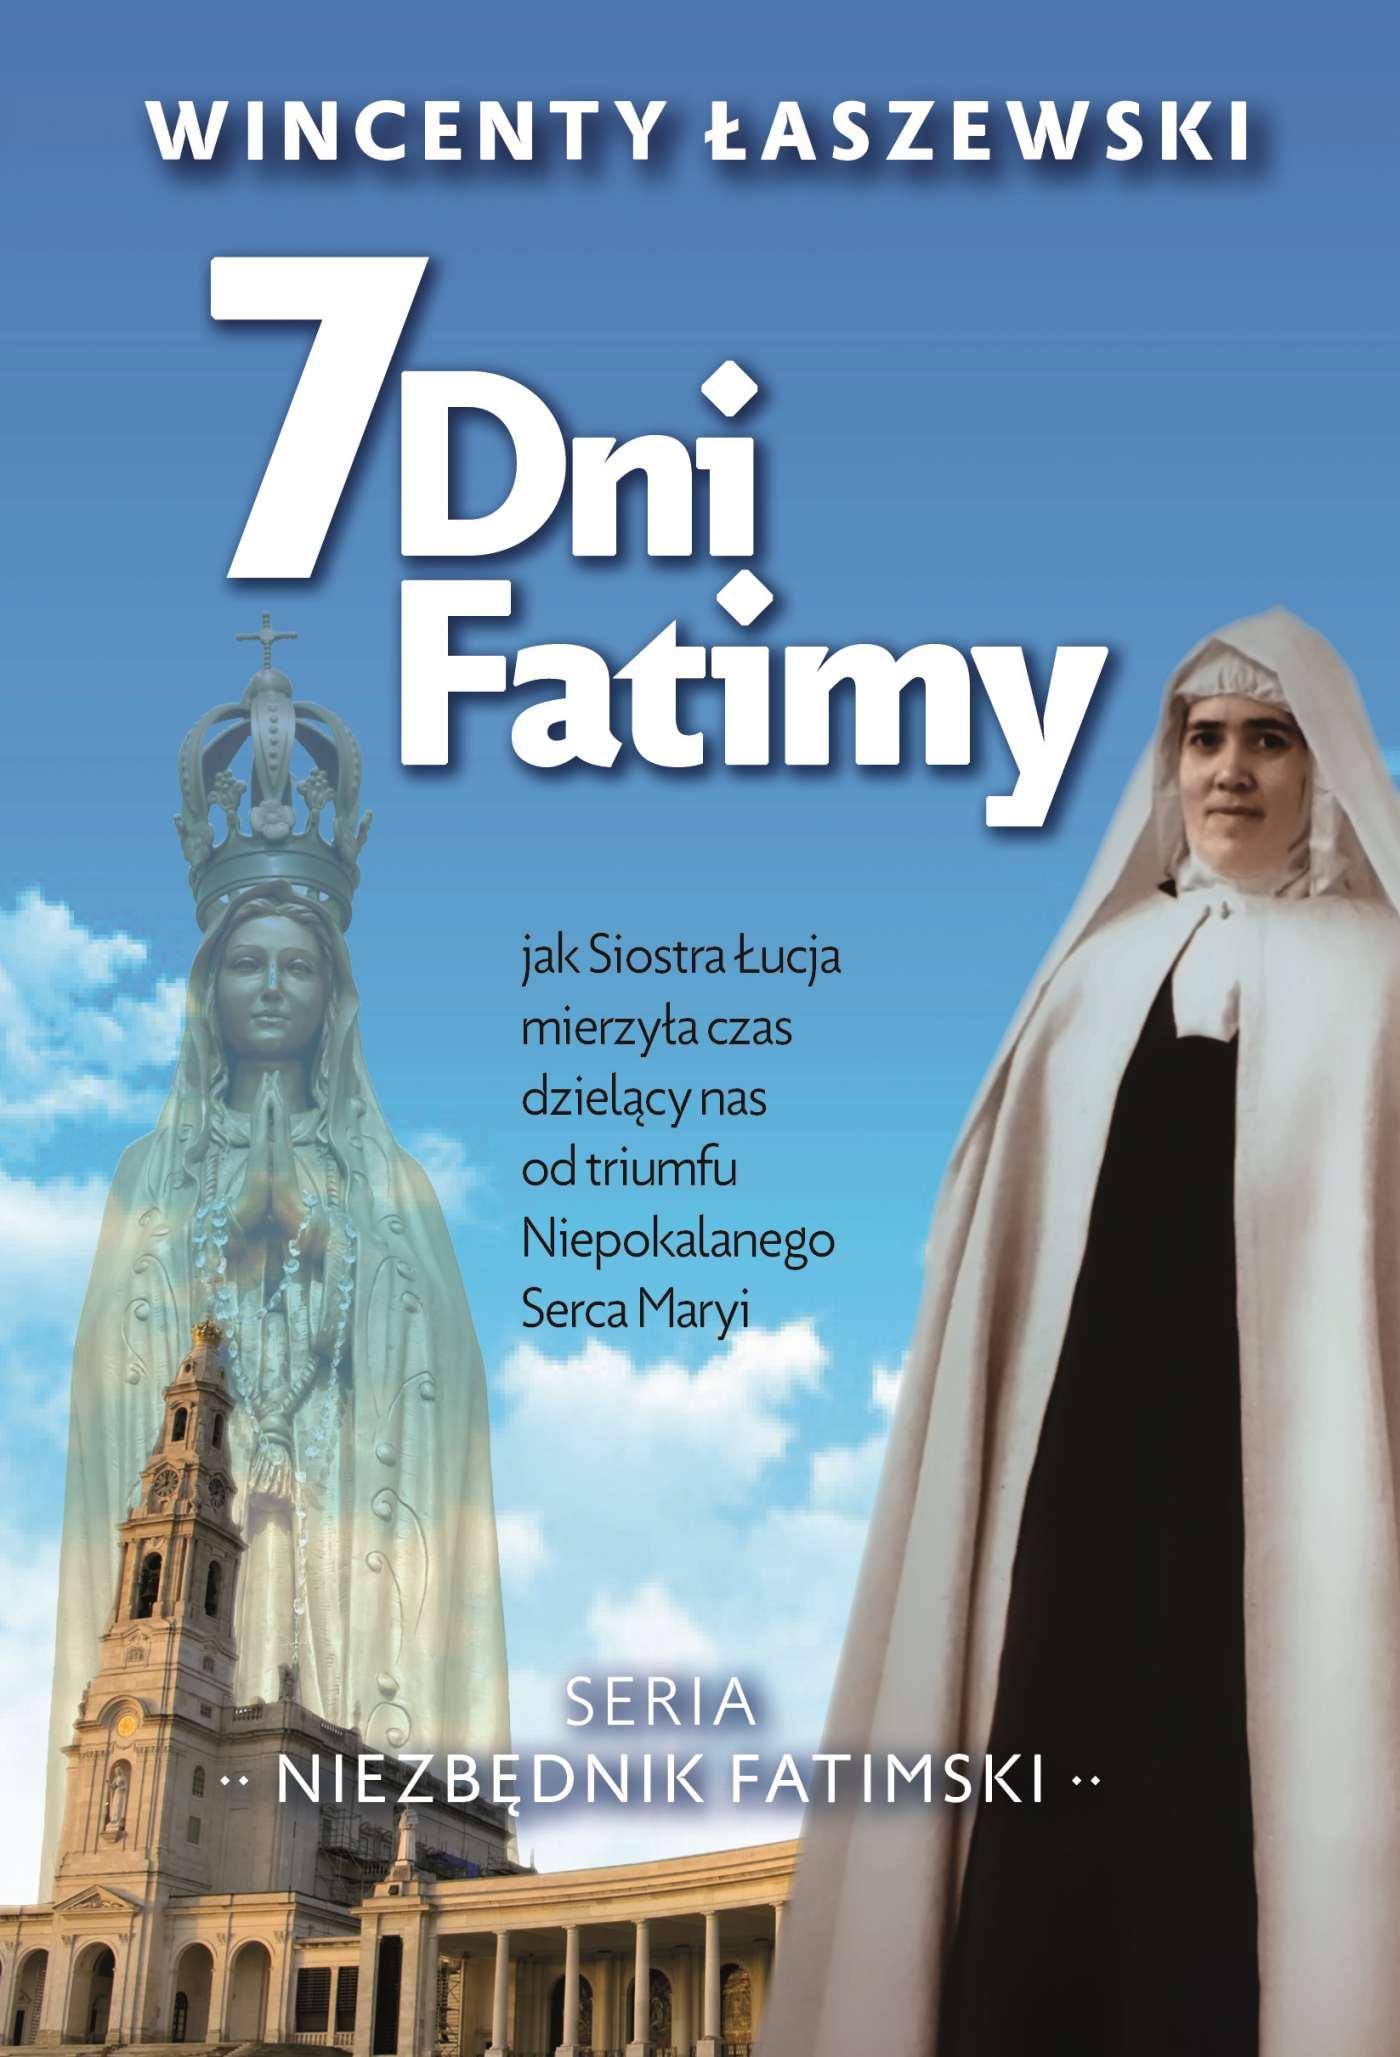 7 dni Fatimy - Ebook (Książka EPUB) do pobrania w formacie EPUB